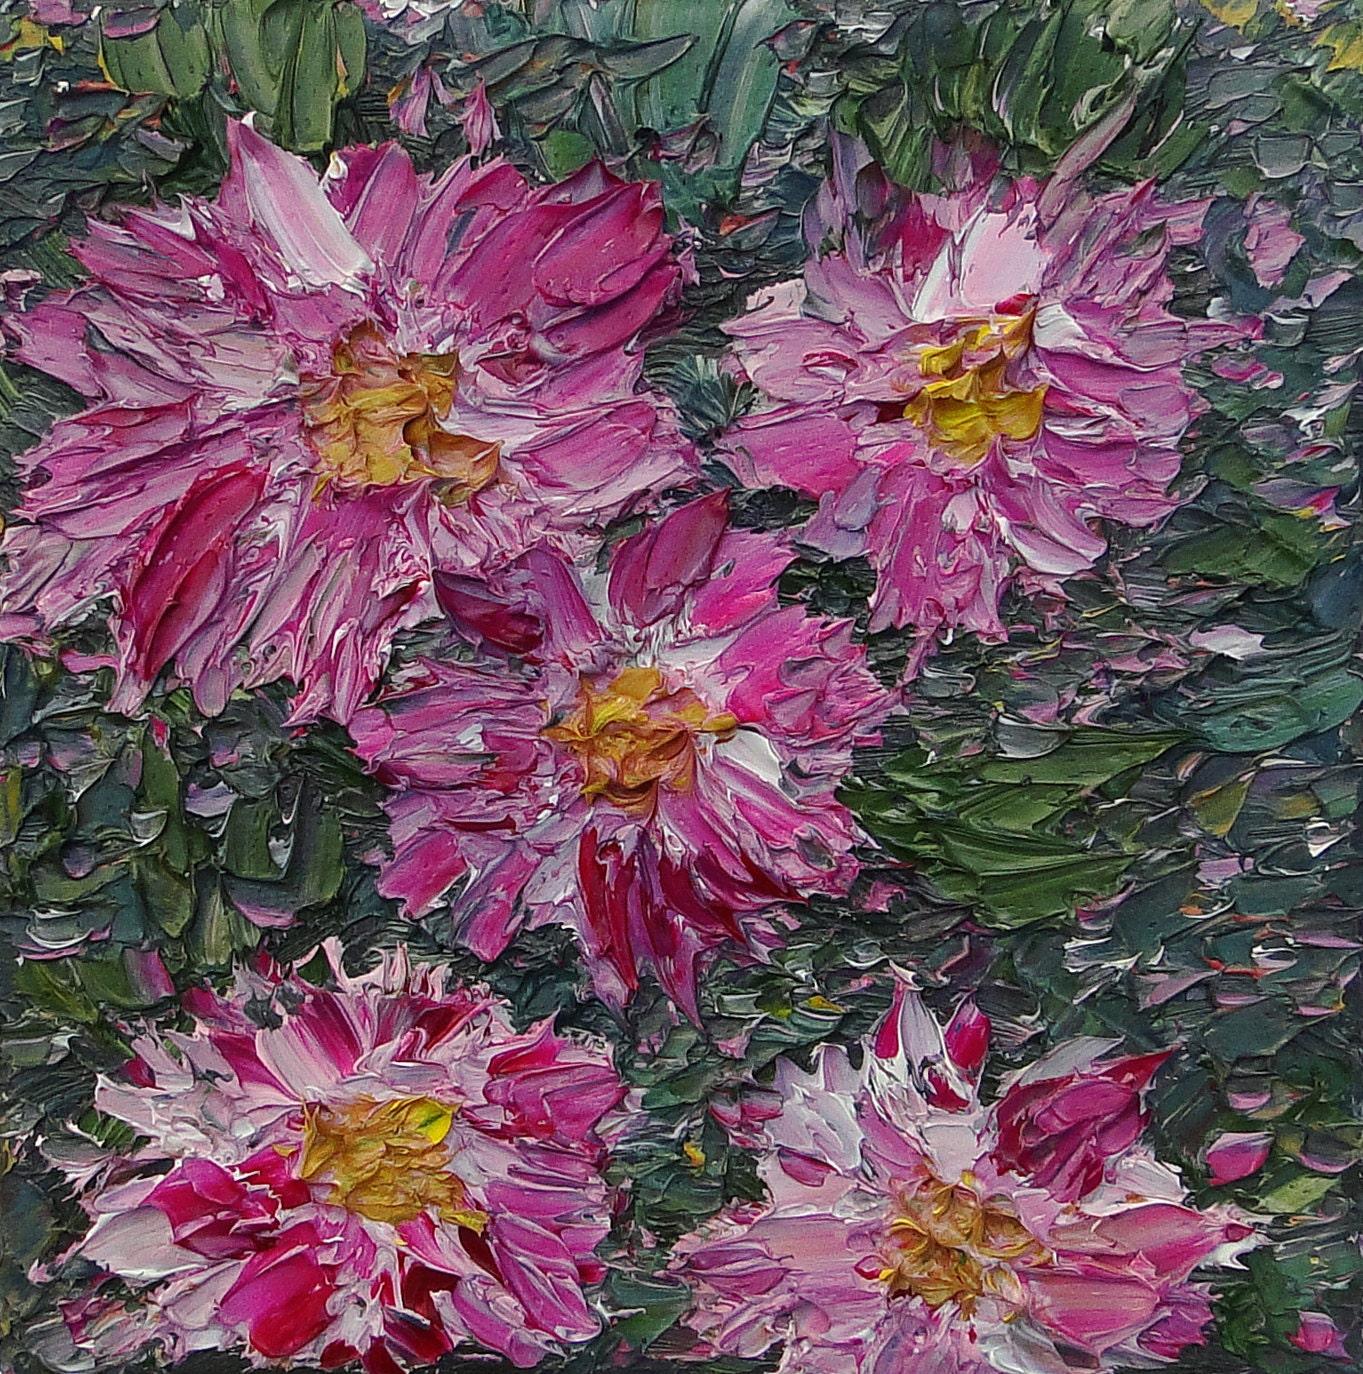 Magenta Home Decoration: Magenta Flowers Wall Art Impressionistic Home Decor